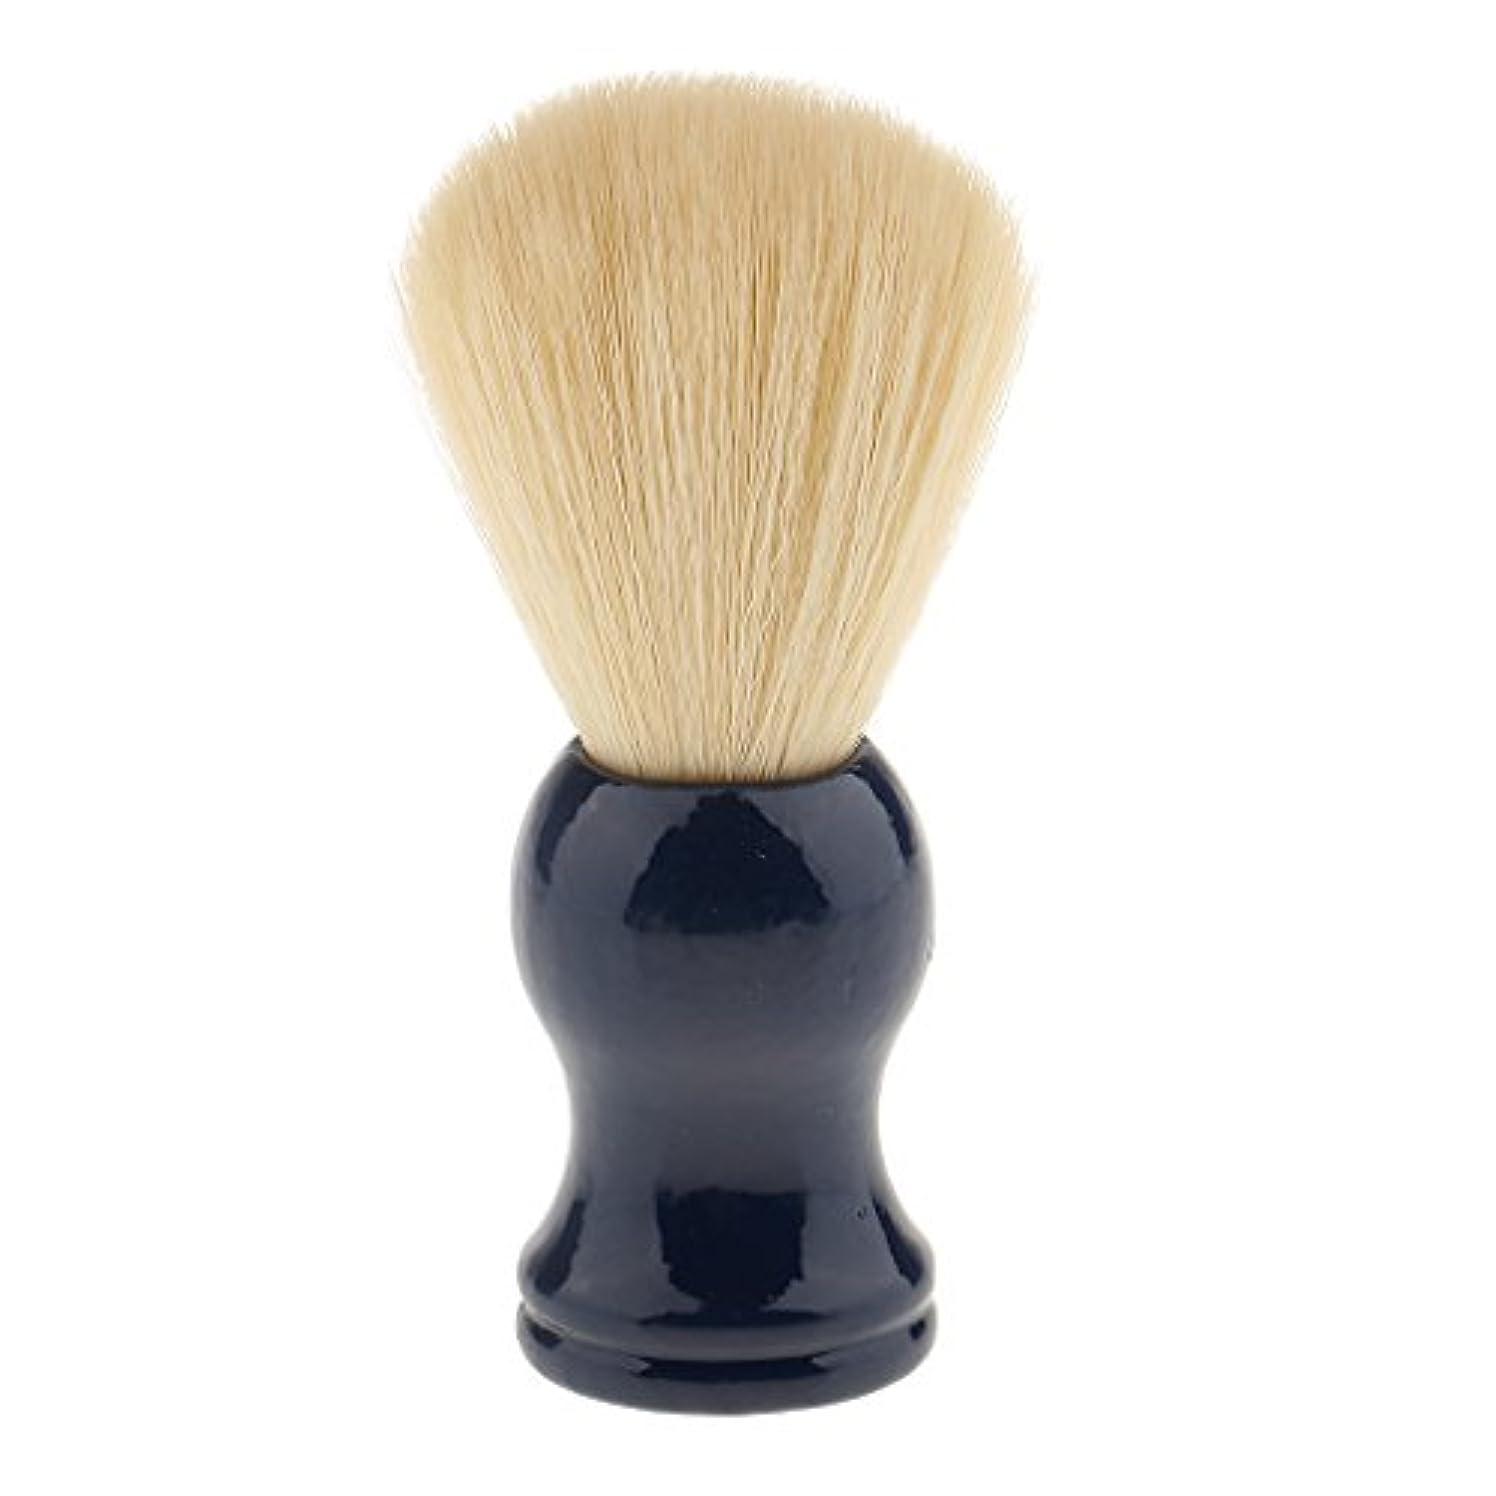 ビーチナチュラ液体ナイロン ひげブラシ シェービング ブラシ 髭 泡立て 散髪整理 理髪用 サロン 快適 美容院